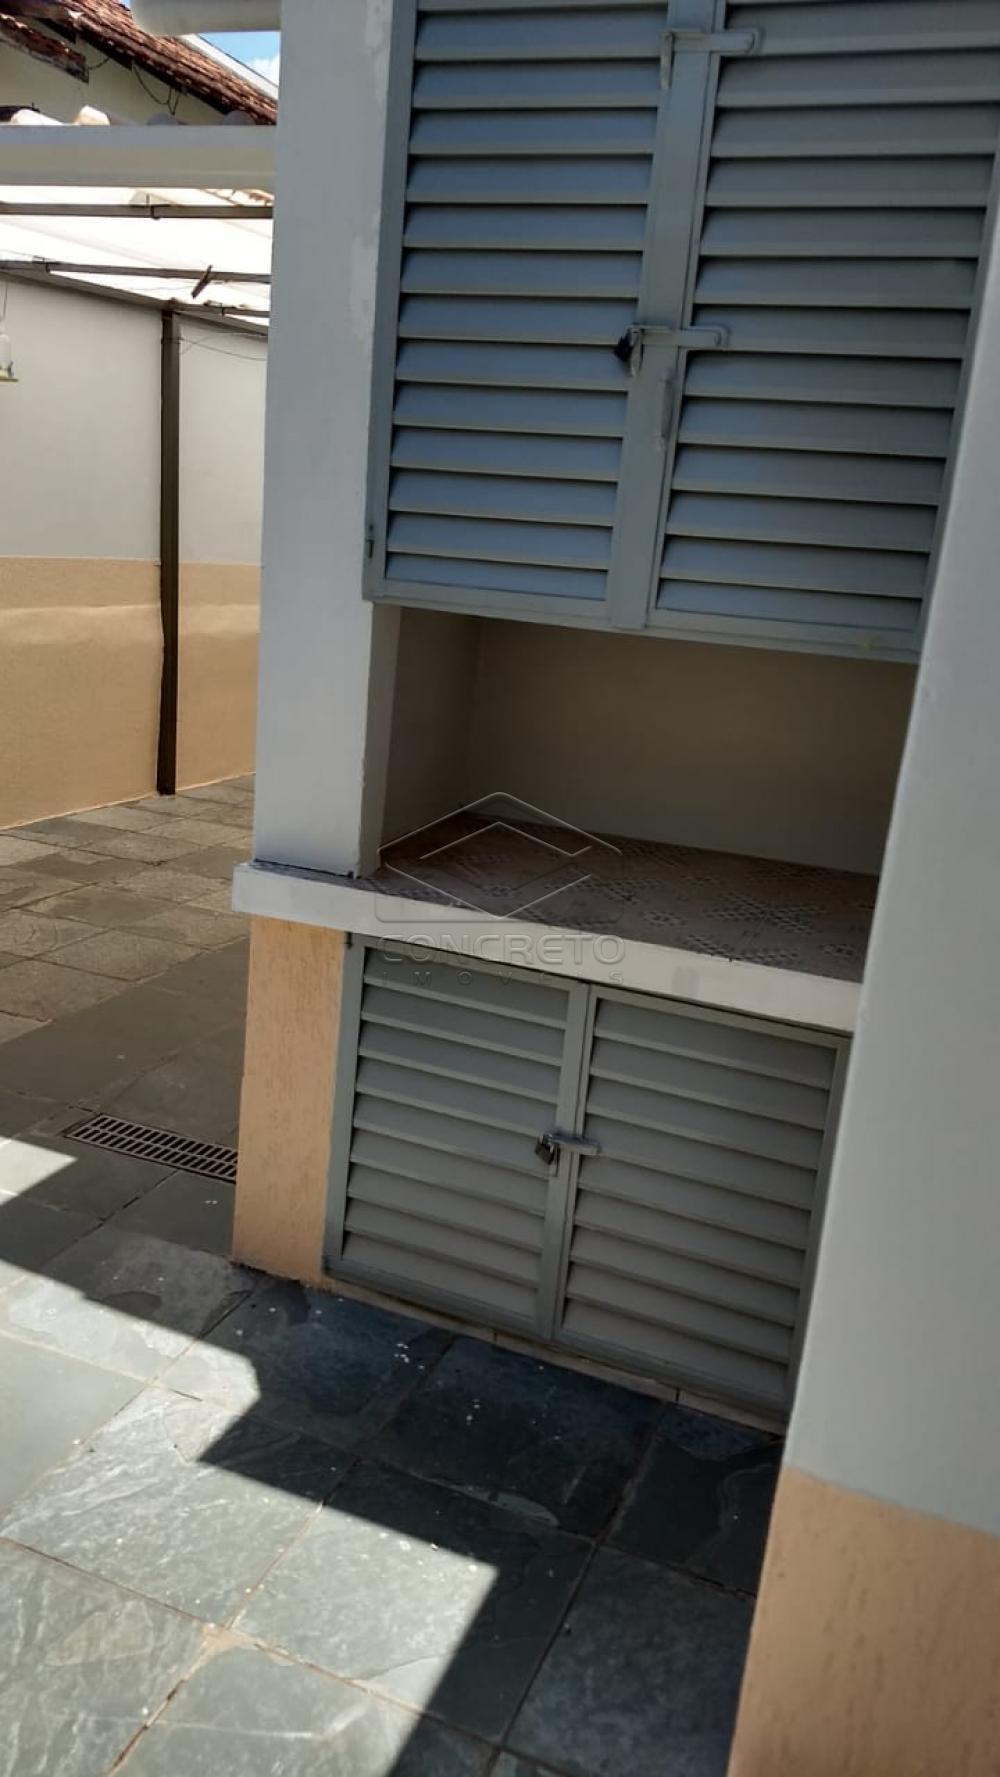 Comprar Casa / Residencia em Jaú apenas R$ 305.000,00 - Foto 24